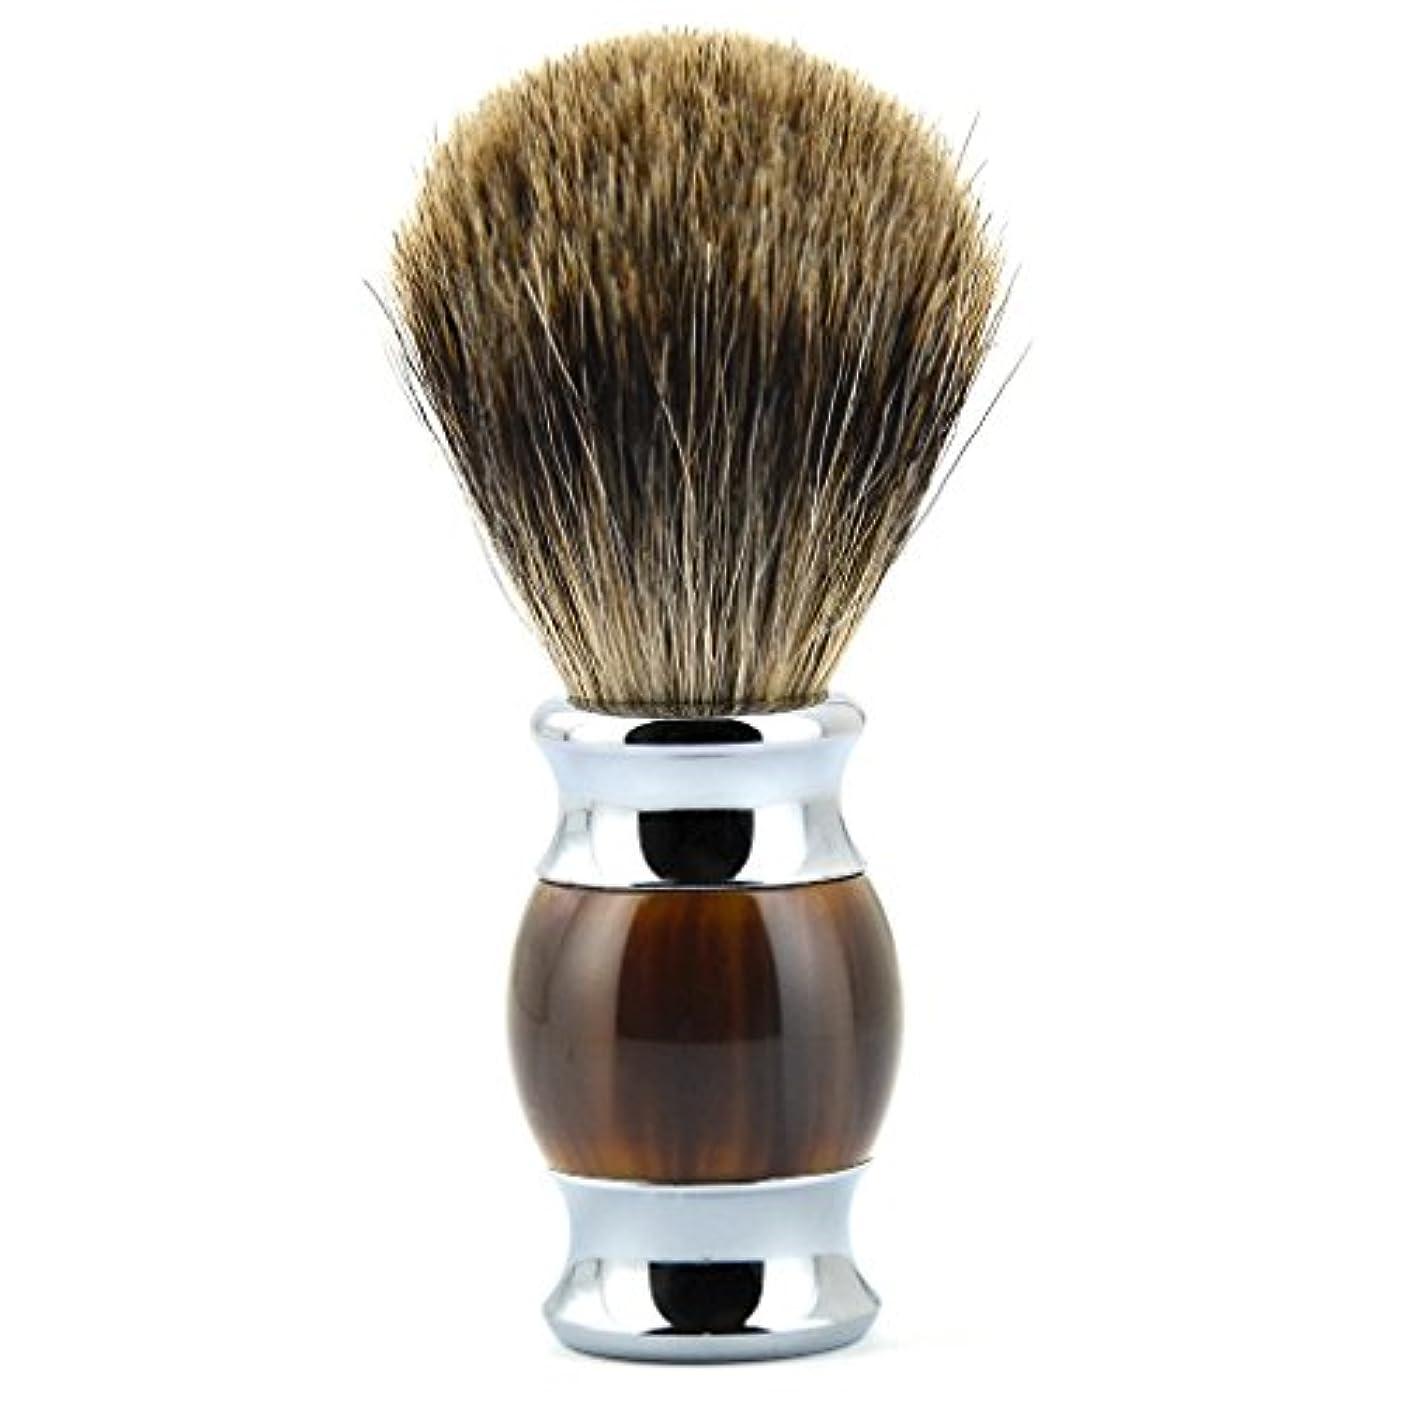 区領事館ぬいぐるみSuika Suika ひげブラシ シェービング ブラシ シェービング用ブラシ メンズ 100% アナグマ毛 理容 洗顔 髭剃り 泡立ち